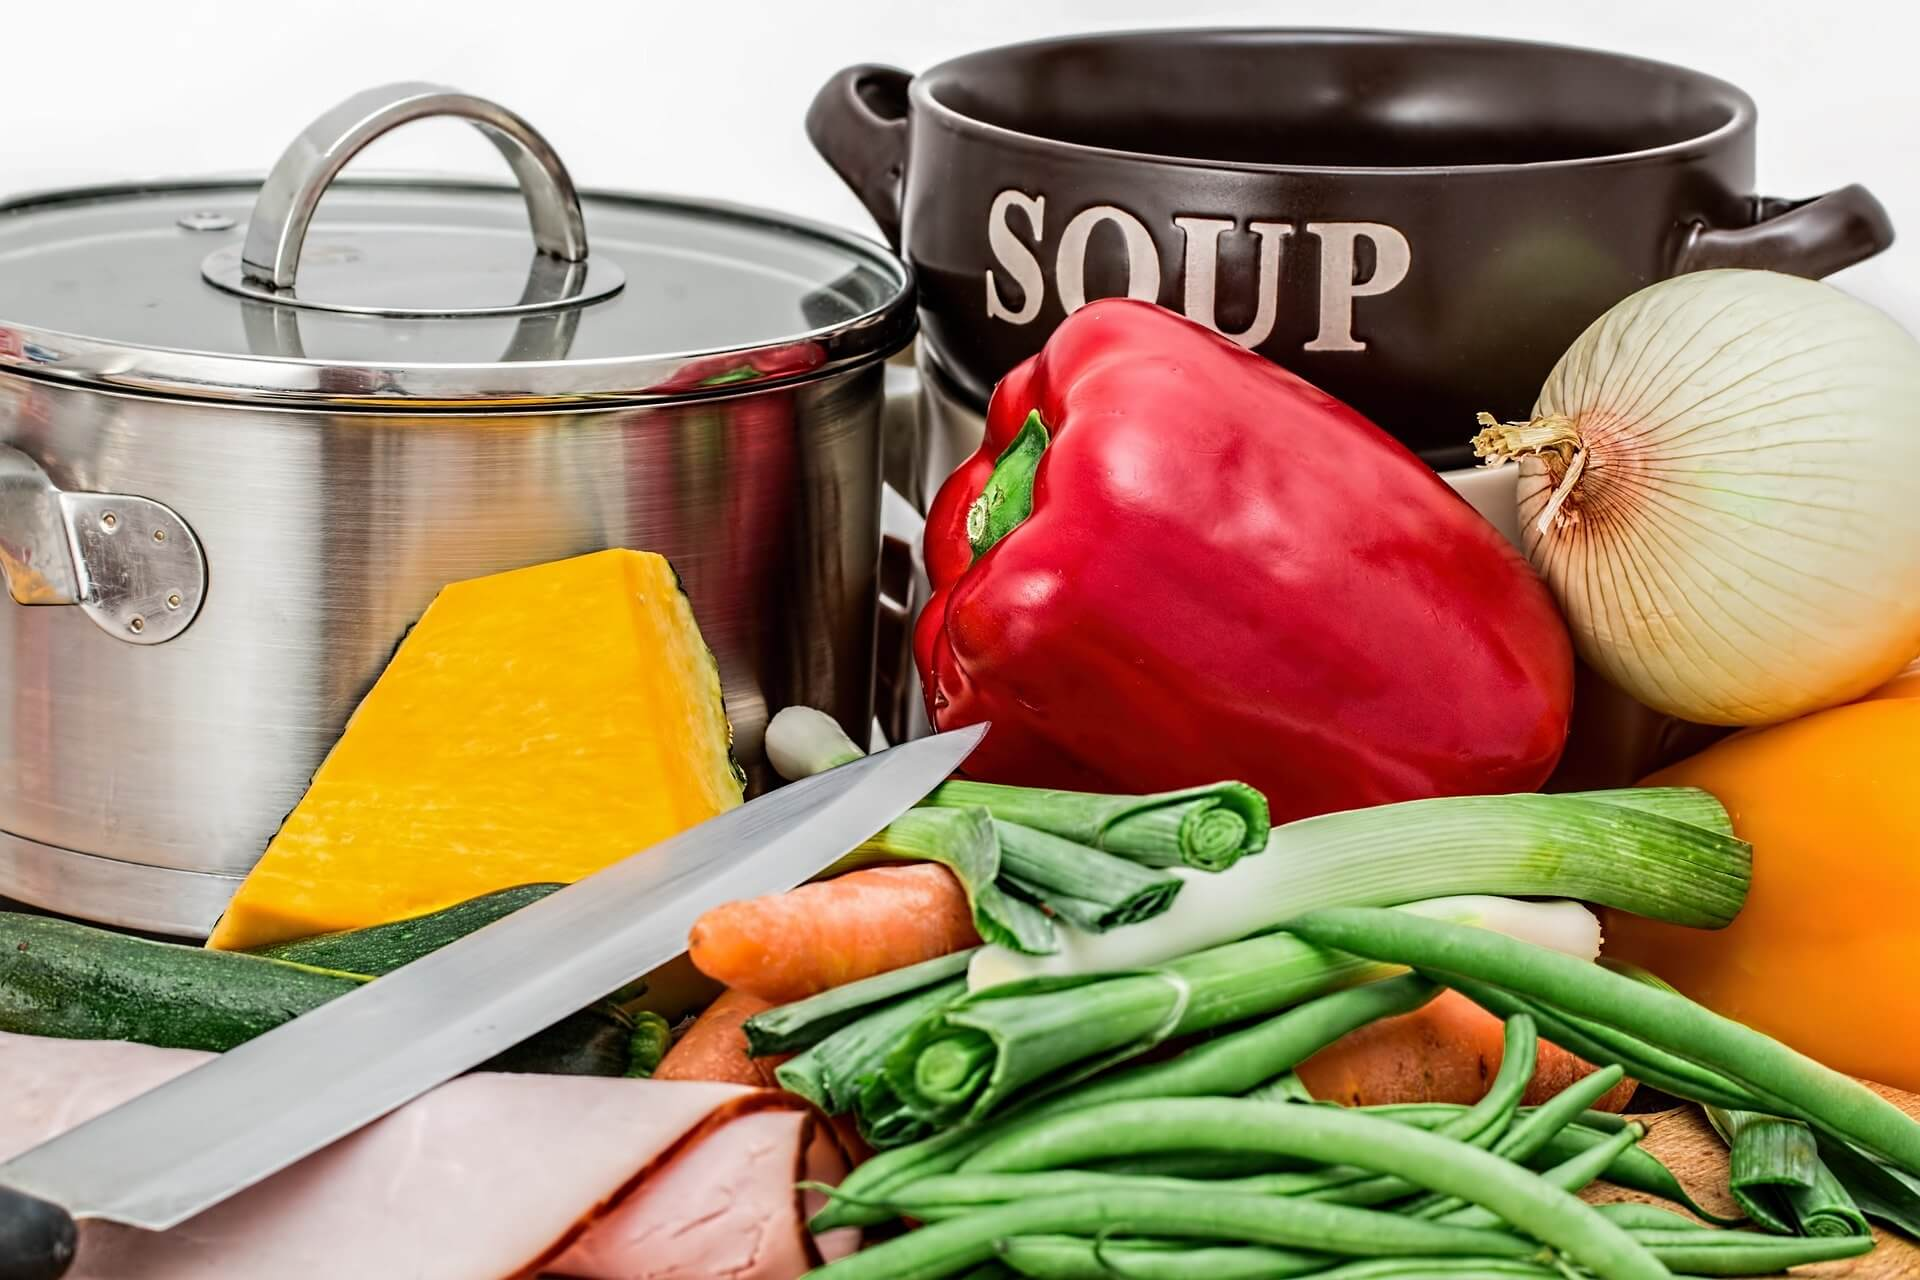 zupy, gotowanie, kuchnia, zupa, jesień, jesienne przepisy, potrawy, dania, restauracja, warzywa, jesienne klimaty, zdrowy styl życia, zdrowie, dieta, niskokaloryczne produkty, przyprawy, przepis na zupę